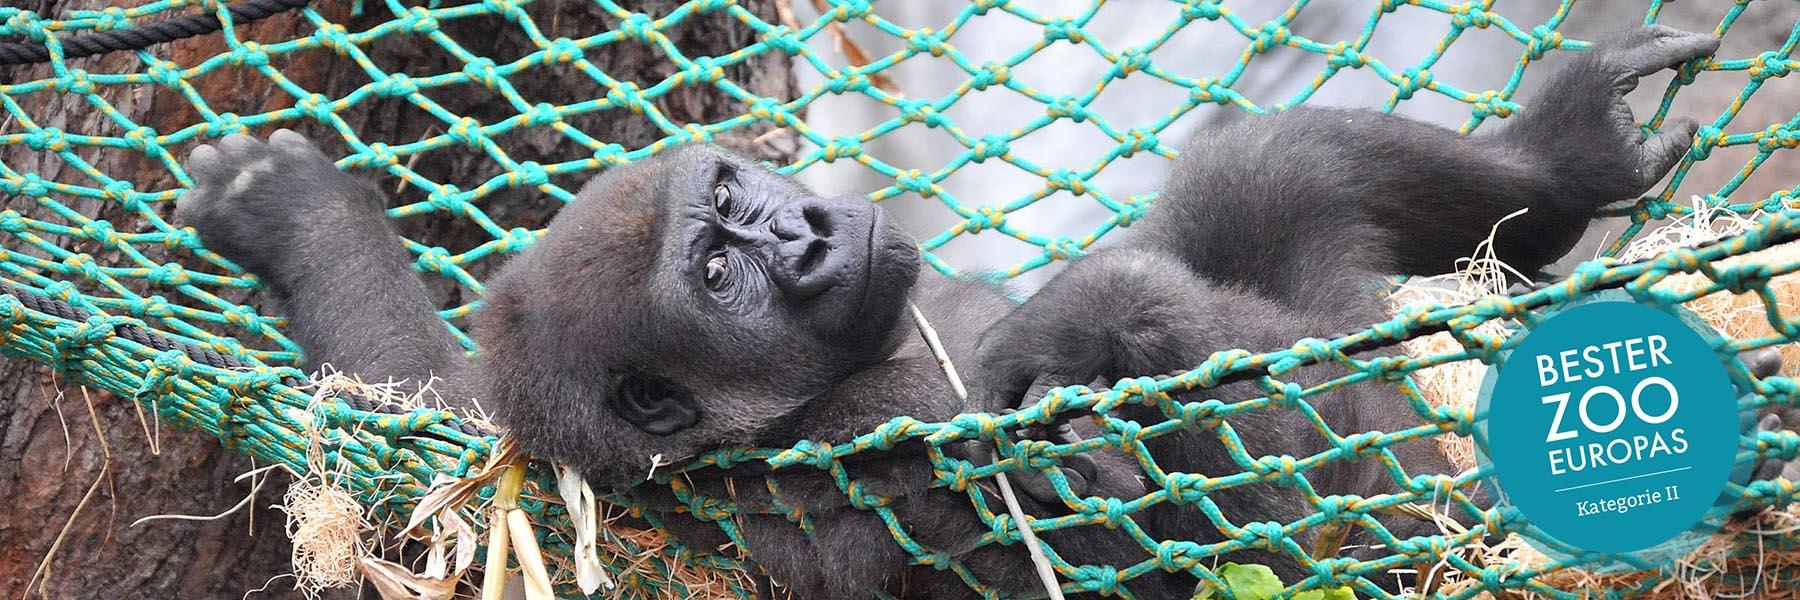 Gorilla - Zoologischer Garten Rostock